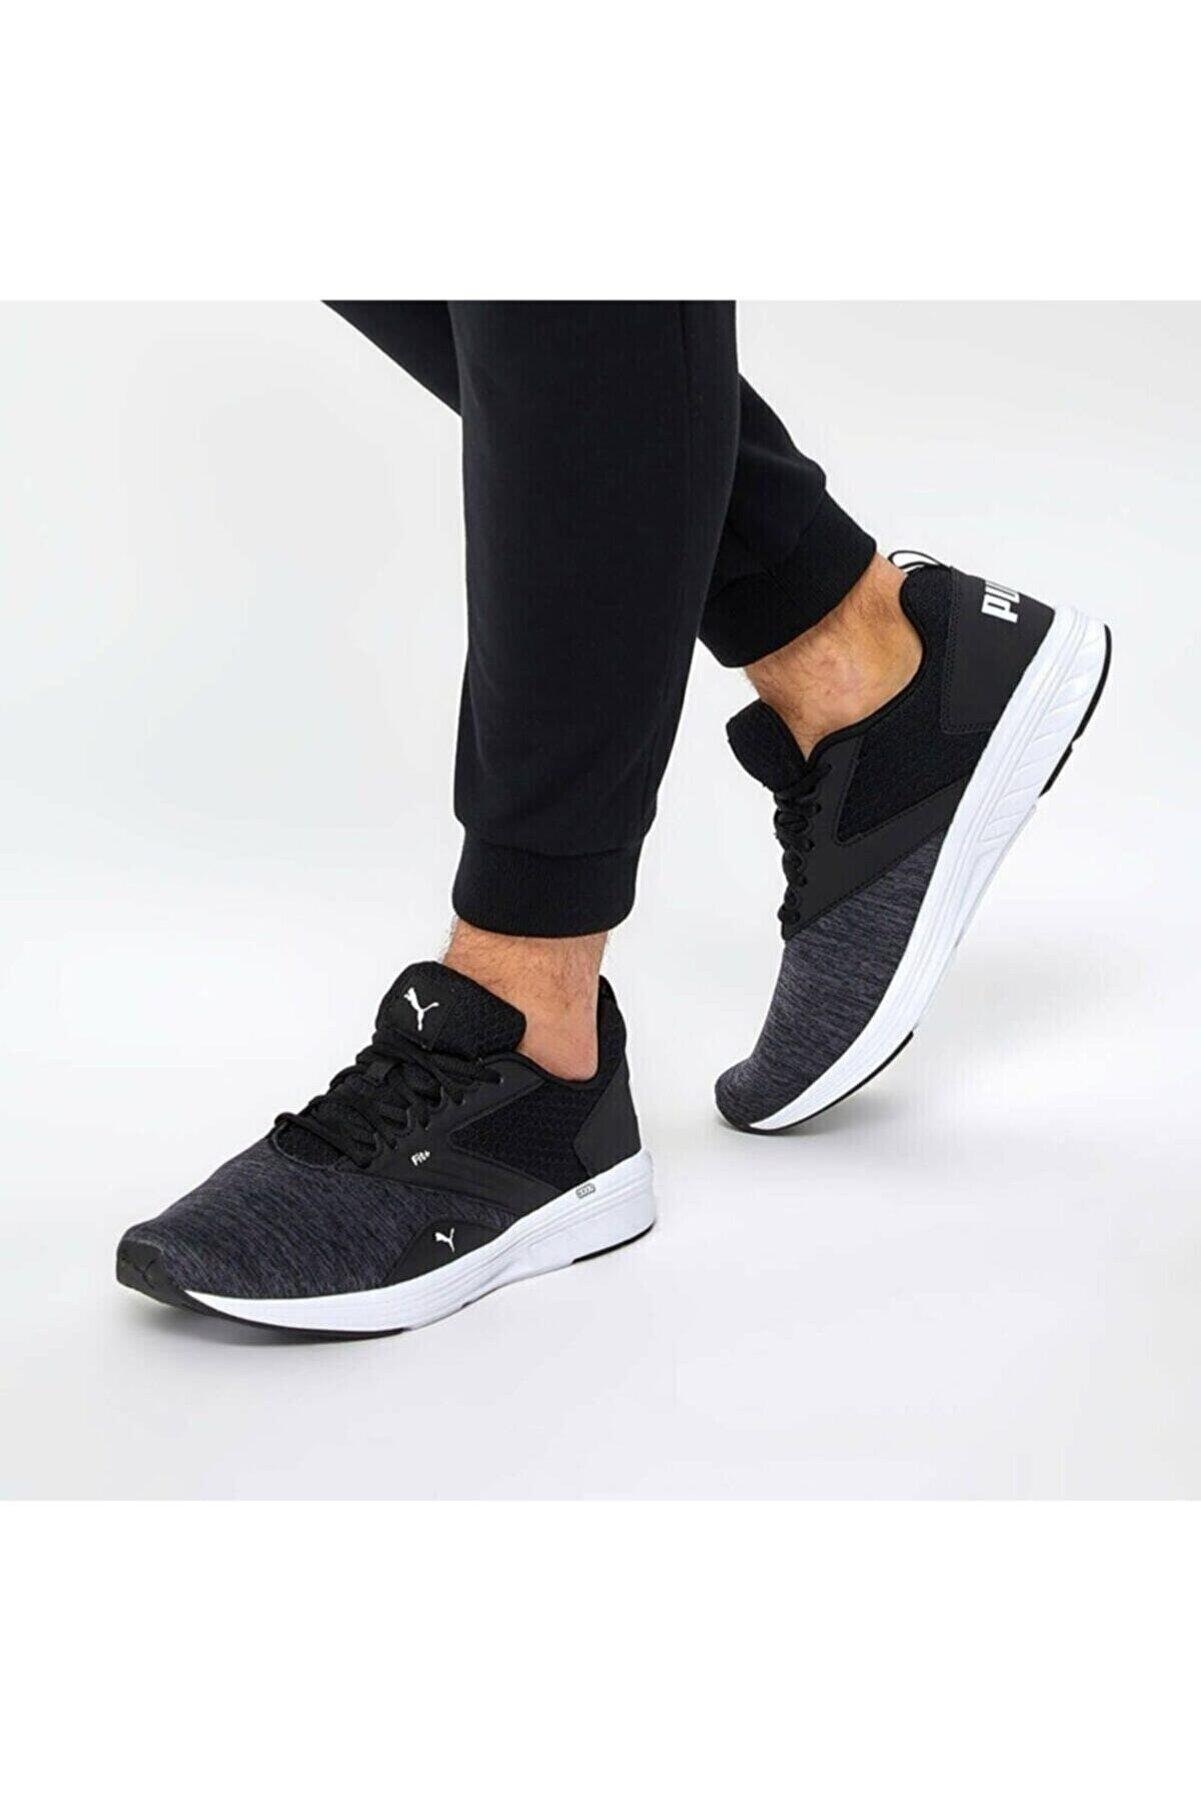 Puma NRGY COMET Siyah Beyaz Erkek Koşu Ayakkabısı 100324069